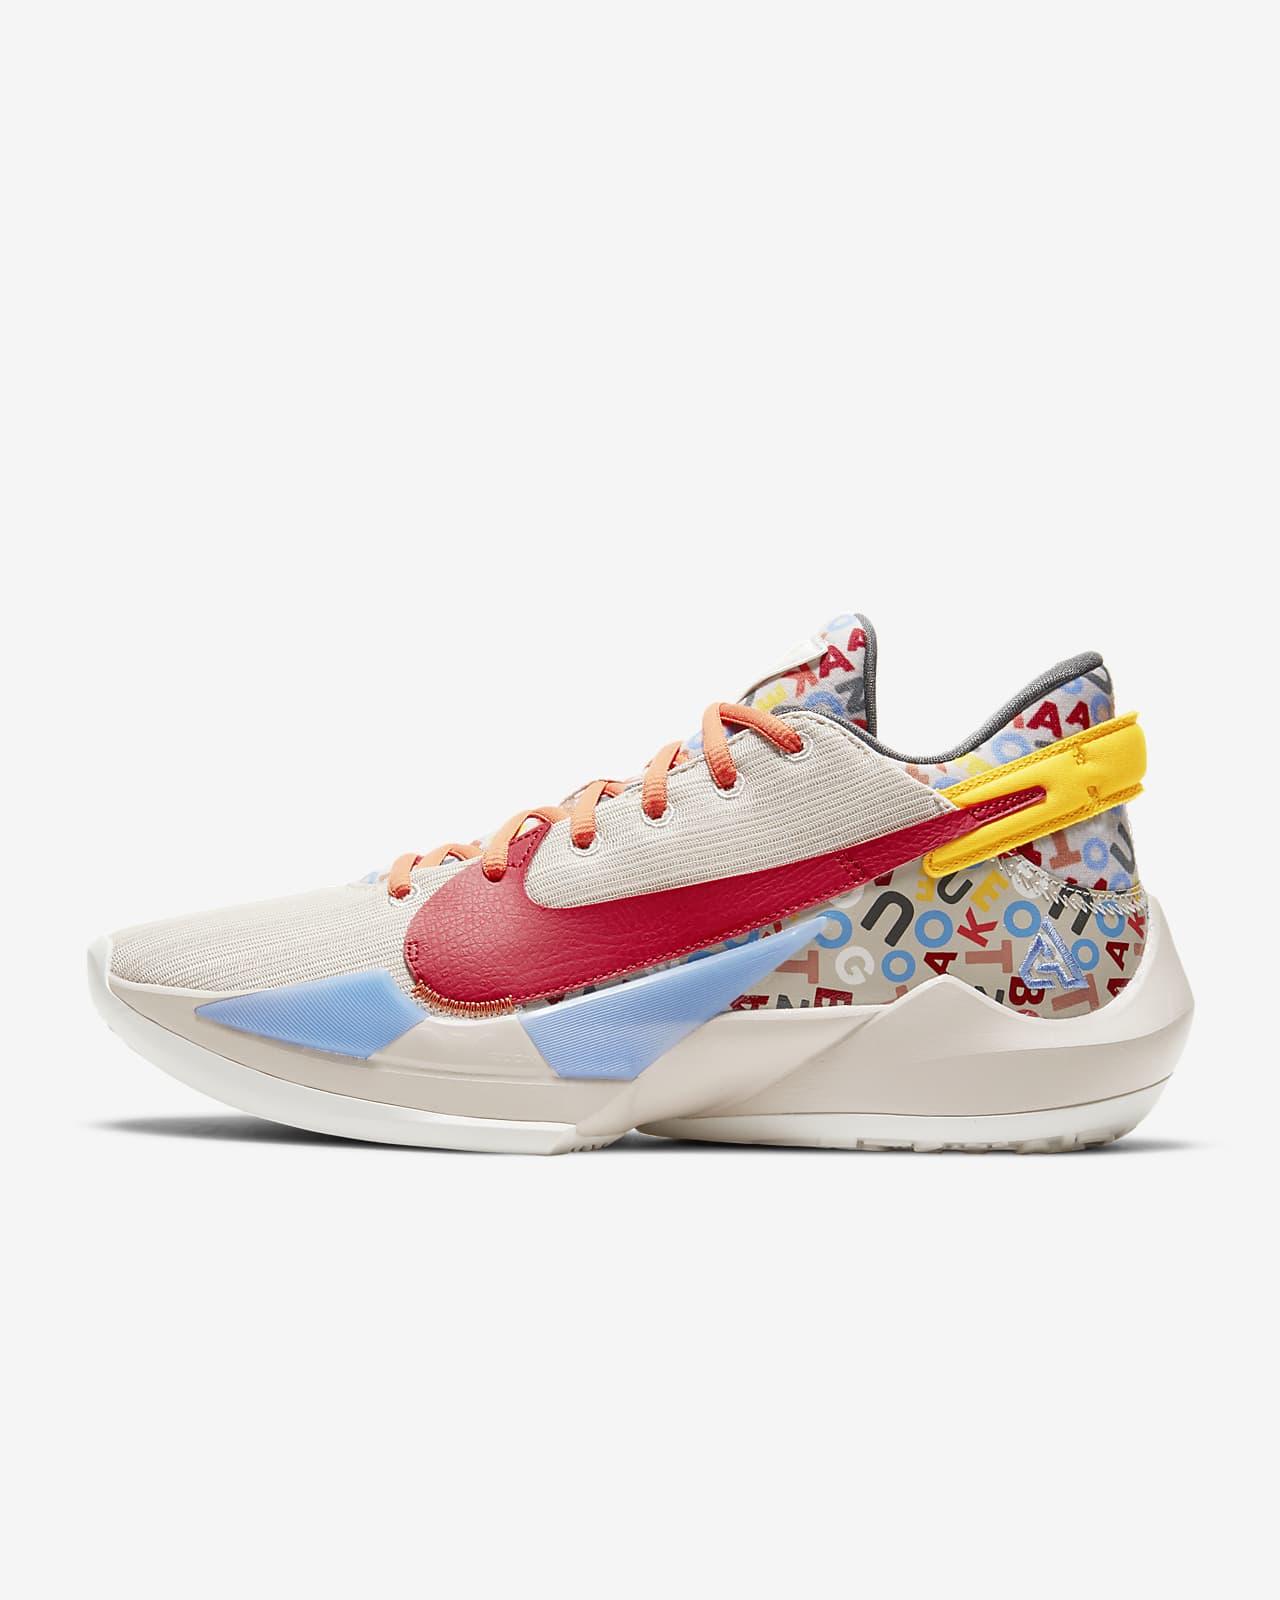 Zoom Freak 2 'Letter Bro' Basketball Shoe